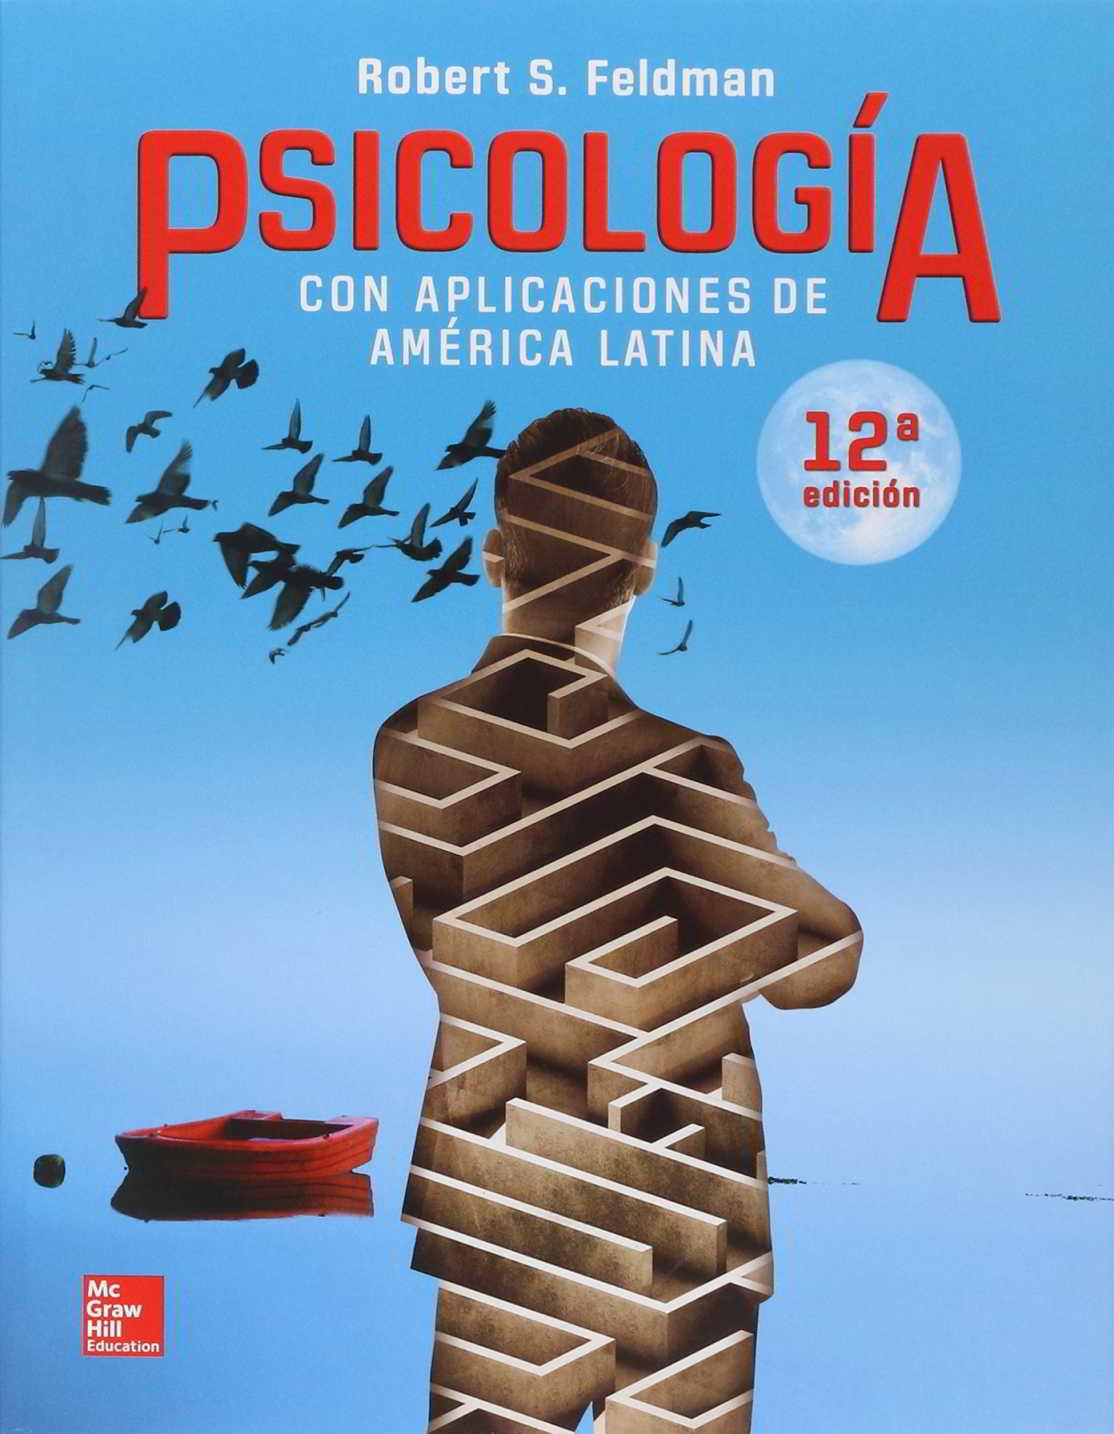 Portada del libro Psicología con aplicaciones de América Latina de Robert S Feldman